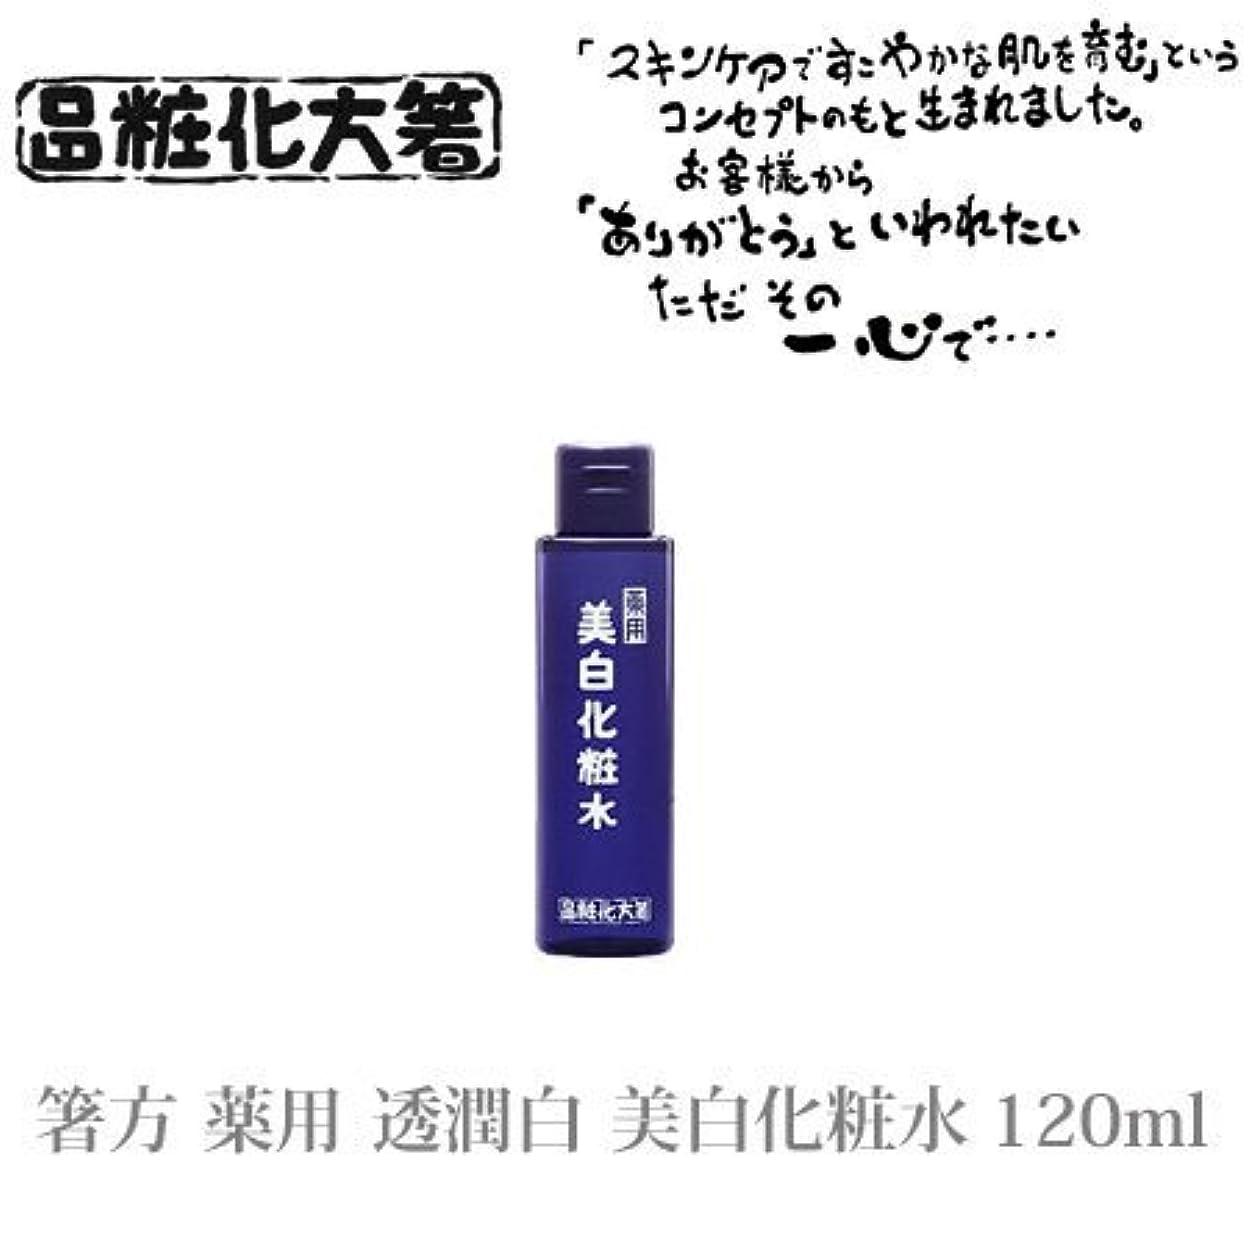 憧れ上へブリリアント箸方化粧品 薬用 透潤白 美白化粧水 120ml はしかた化粧品